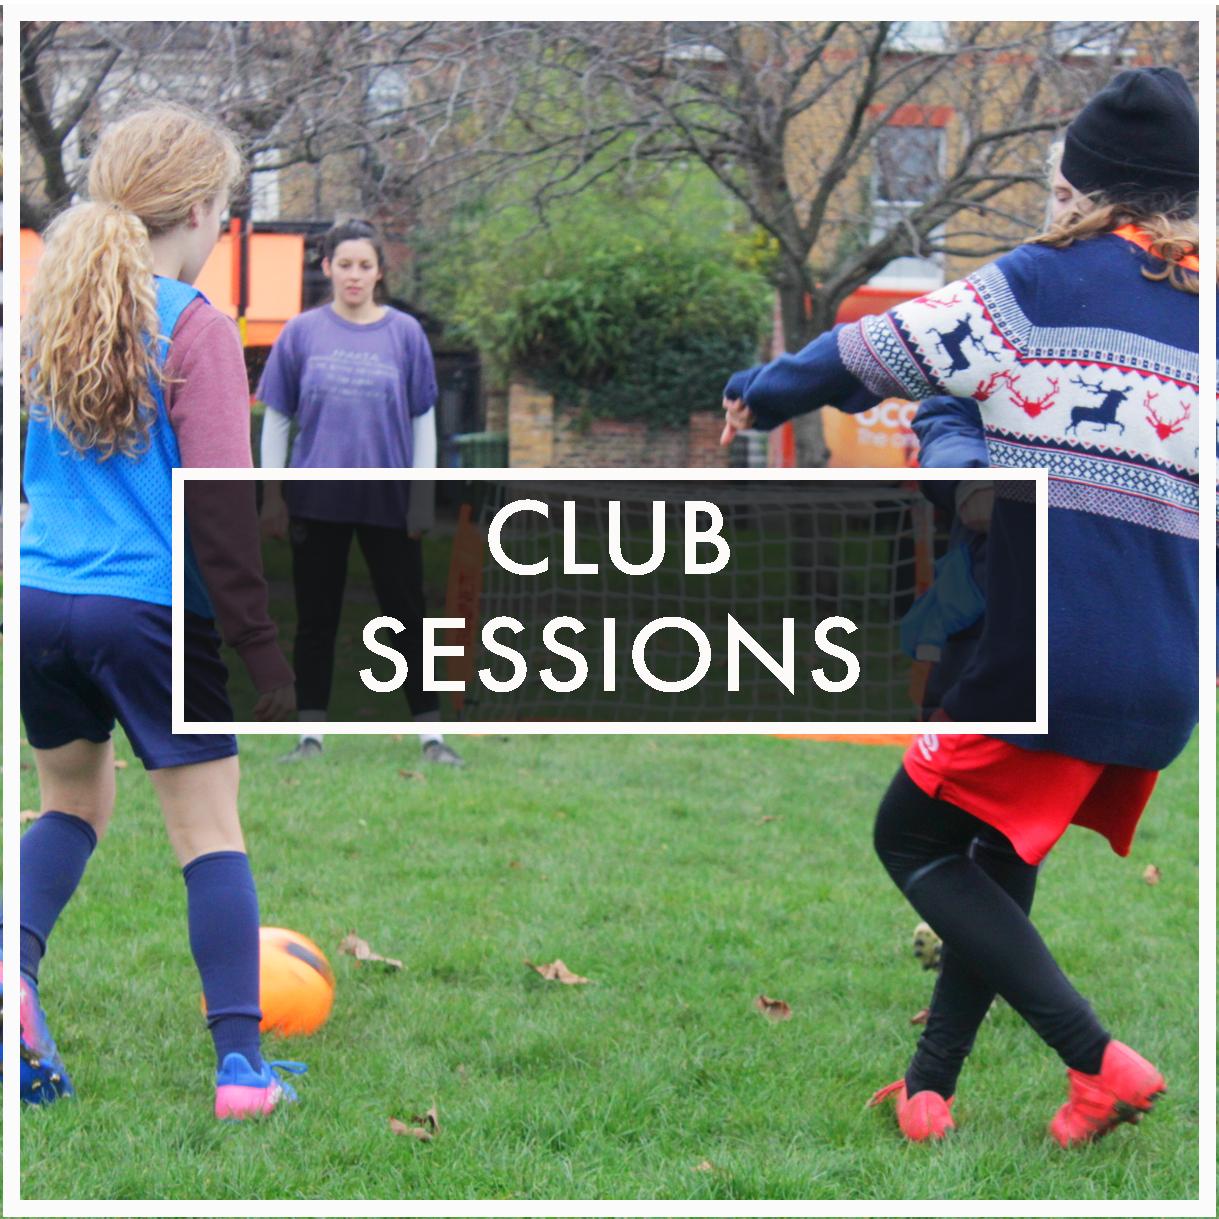 Sesiones de entrenamiento  cada semana  en varias locaciones del sur de London.  Accesibles a  todos los niveles de habilidades  y experiencia.  Son bienvenidas todas las chicas de entre  5 y 18 años.